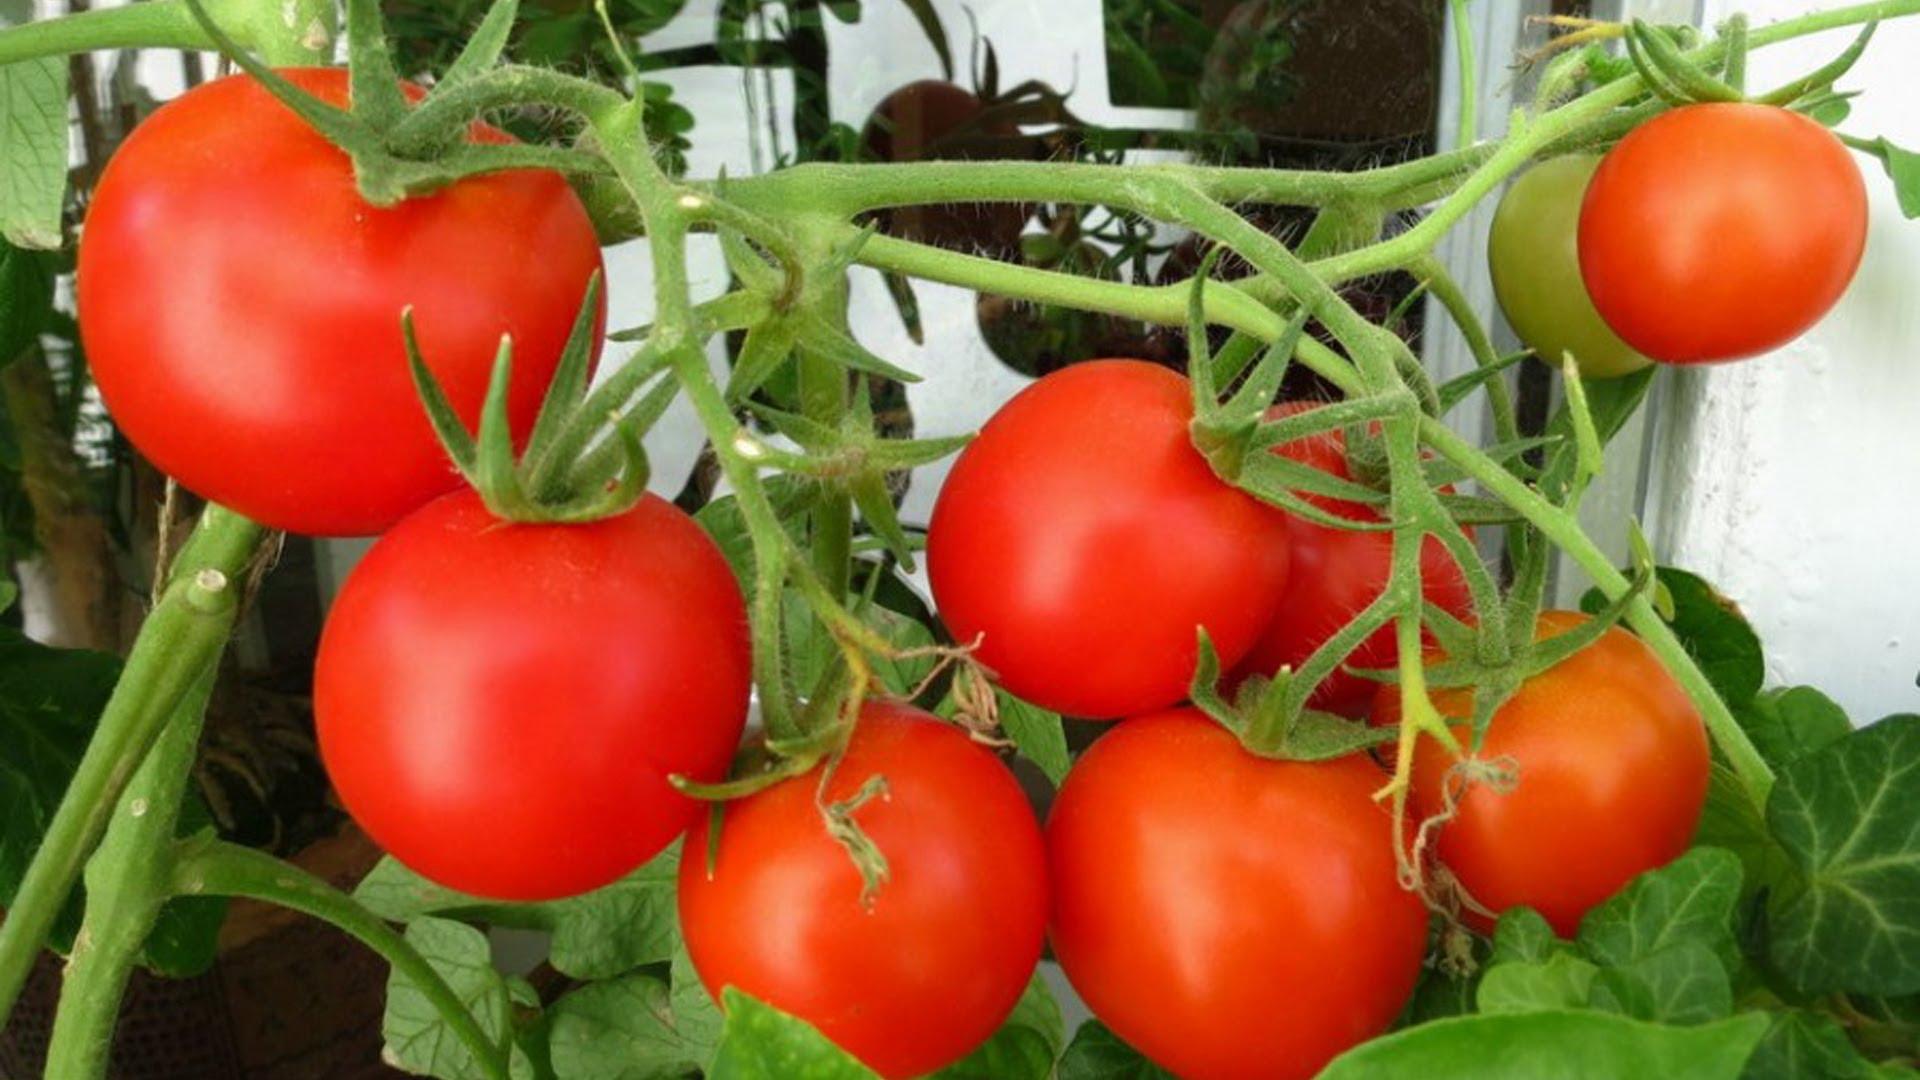 Выращивание помидоров в теплице и их сбыт в 2019